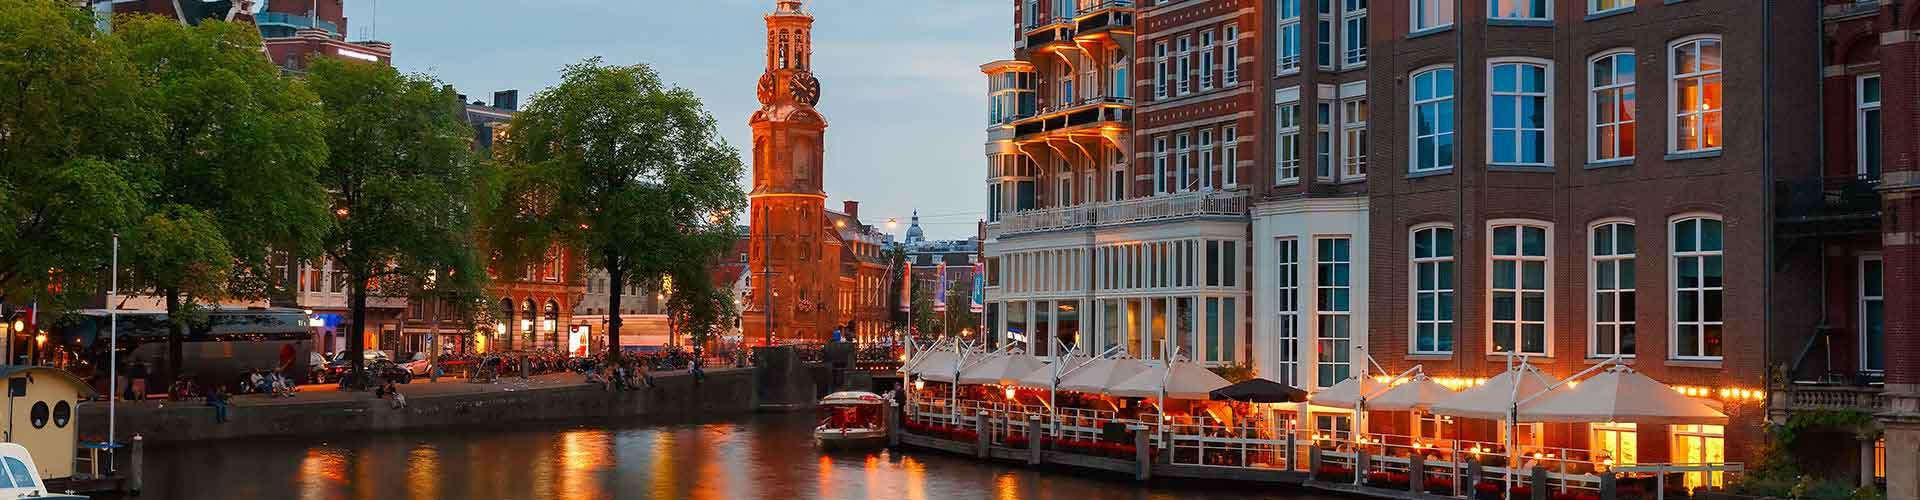 阿姆斯特丹 – 铸币塔附近的青年旅舍。阿姆斯特丹地图,阿姆斯特丹每家青年旅舍的照片和评价。